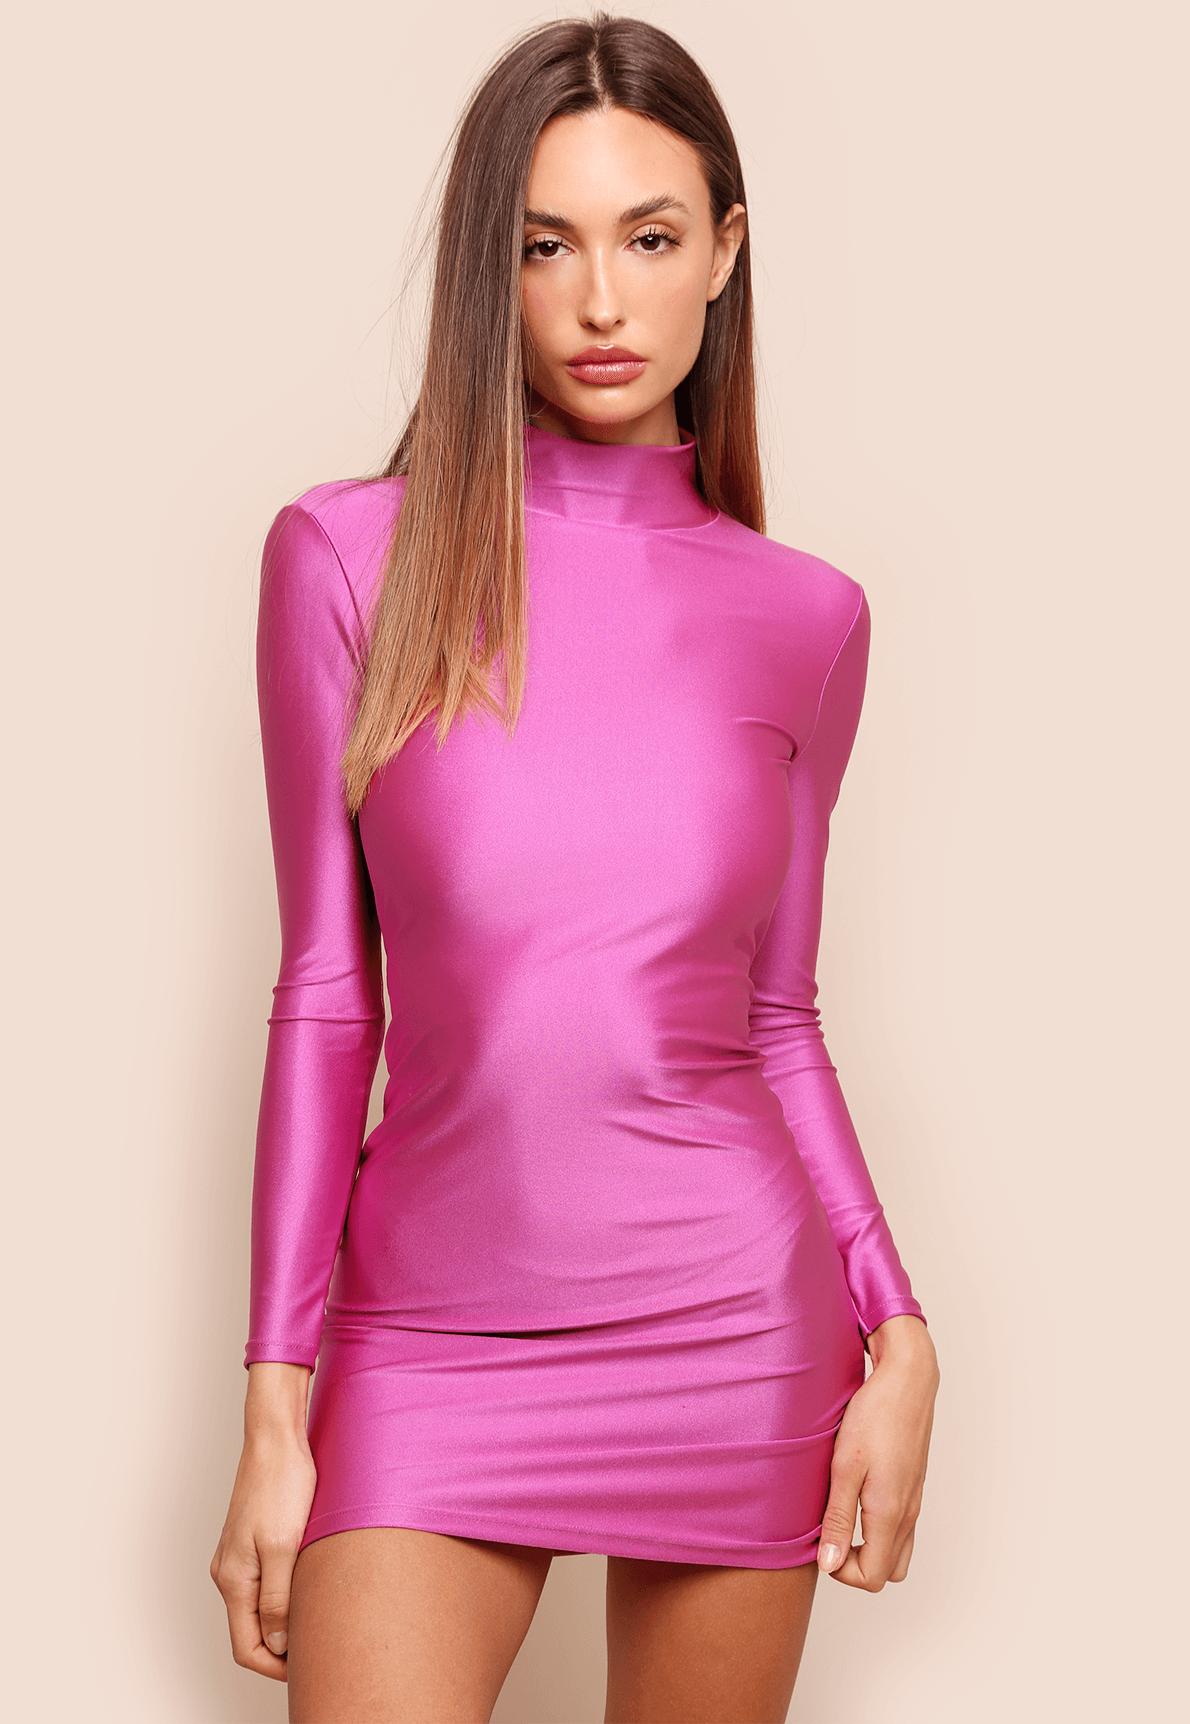 33003-vestido-laira-rosa-mundo-lolita-01